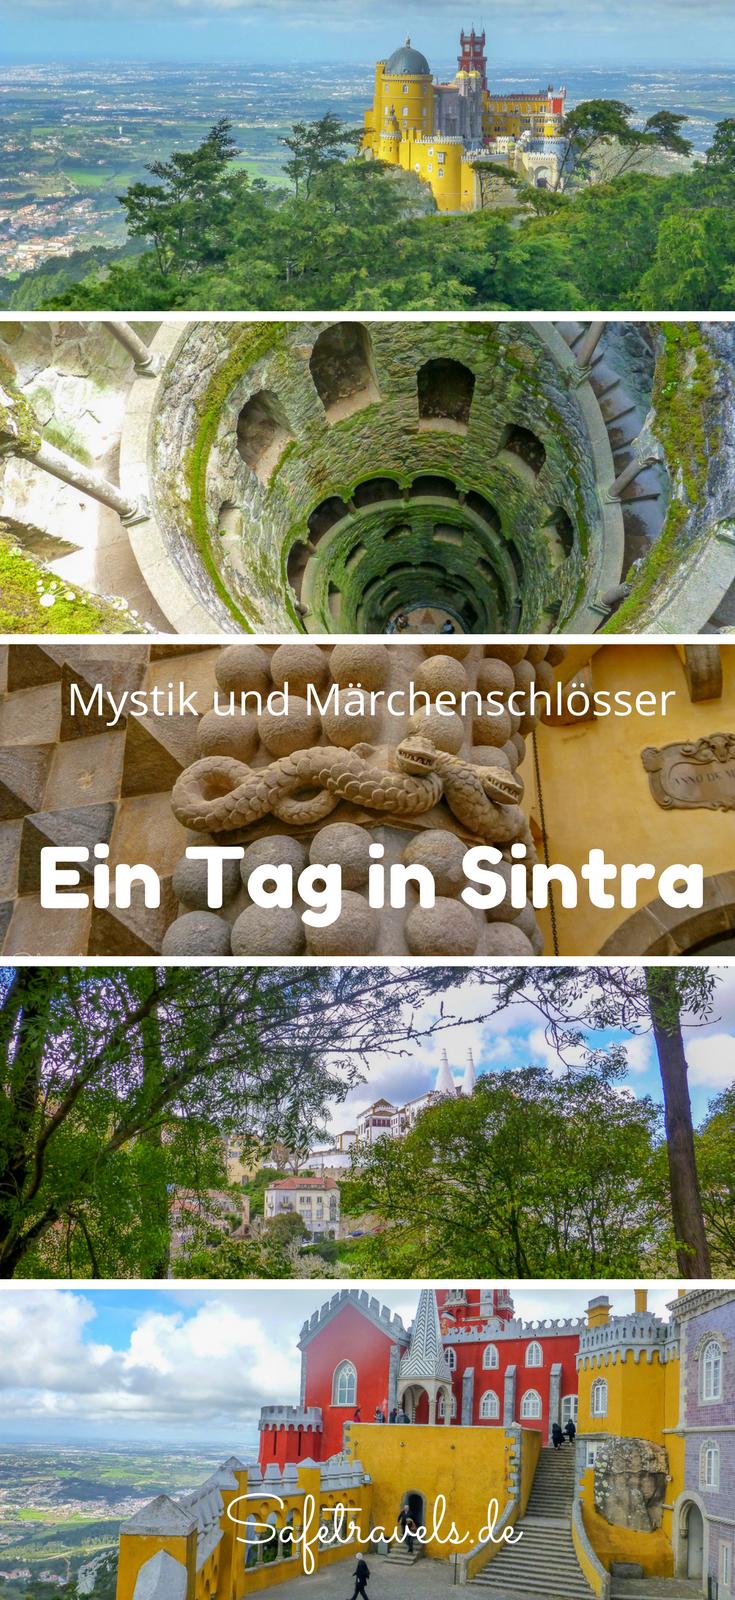 Mystik und Märchenschlösser - Ein Tag in Sintra